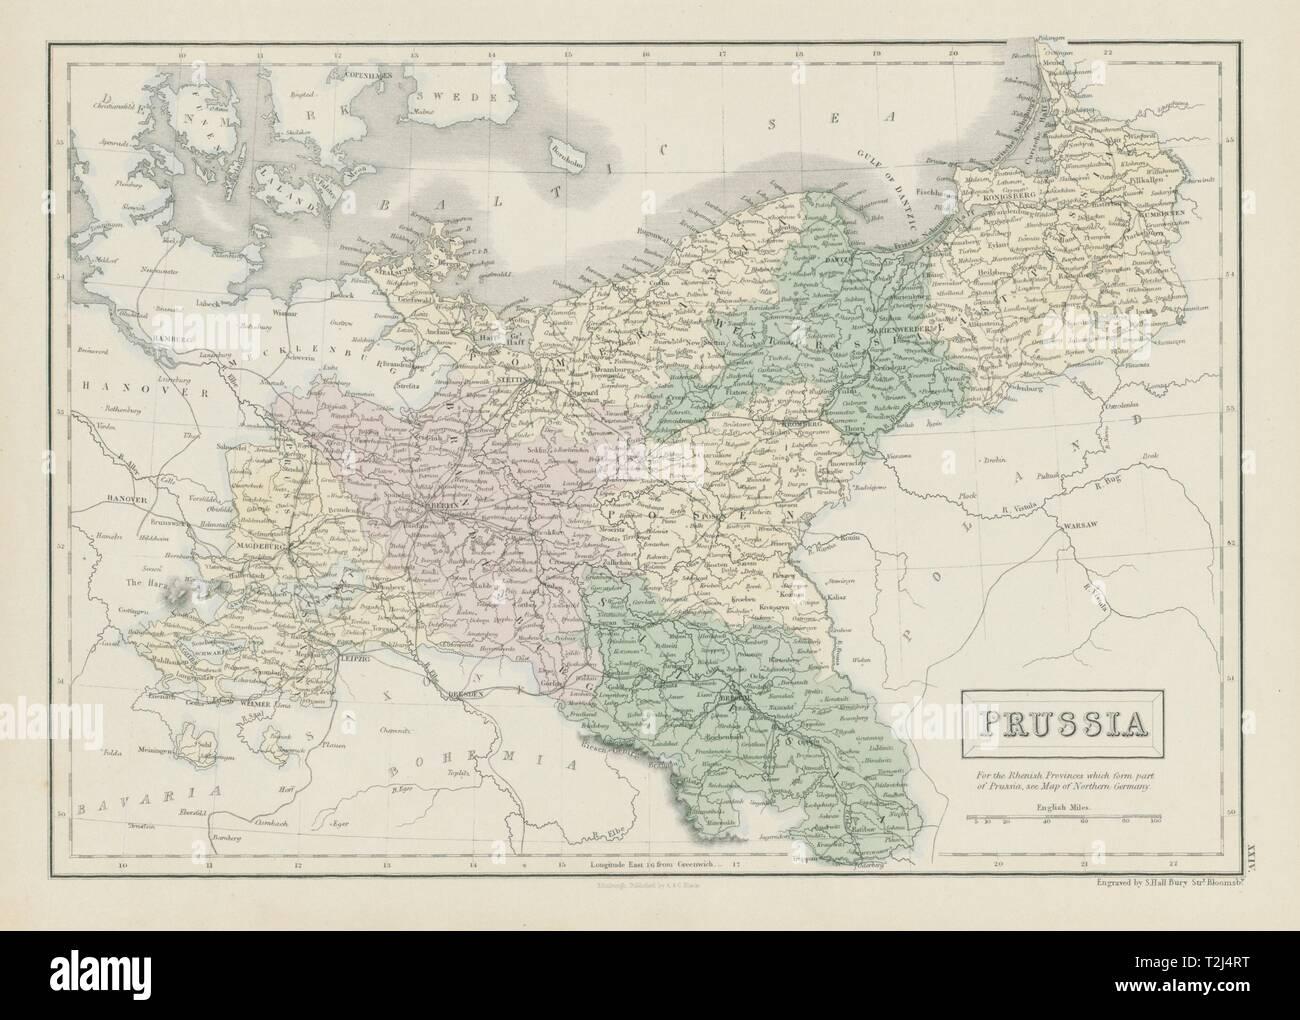 Prussia. Pomerania Poland Silesia Posen Brandenburg. SIDNEY HALL 1856 old map - Stock Image